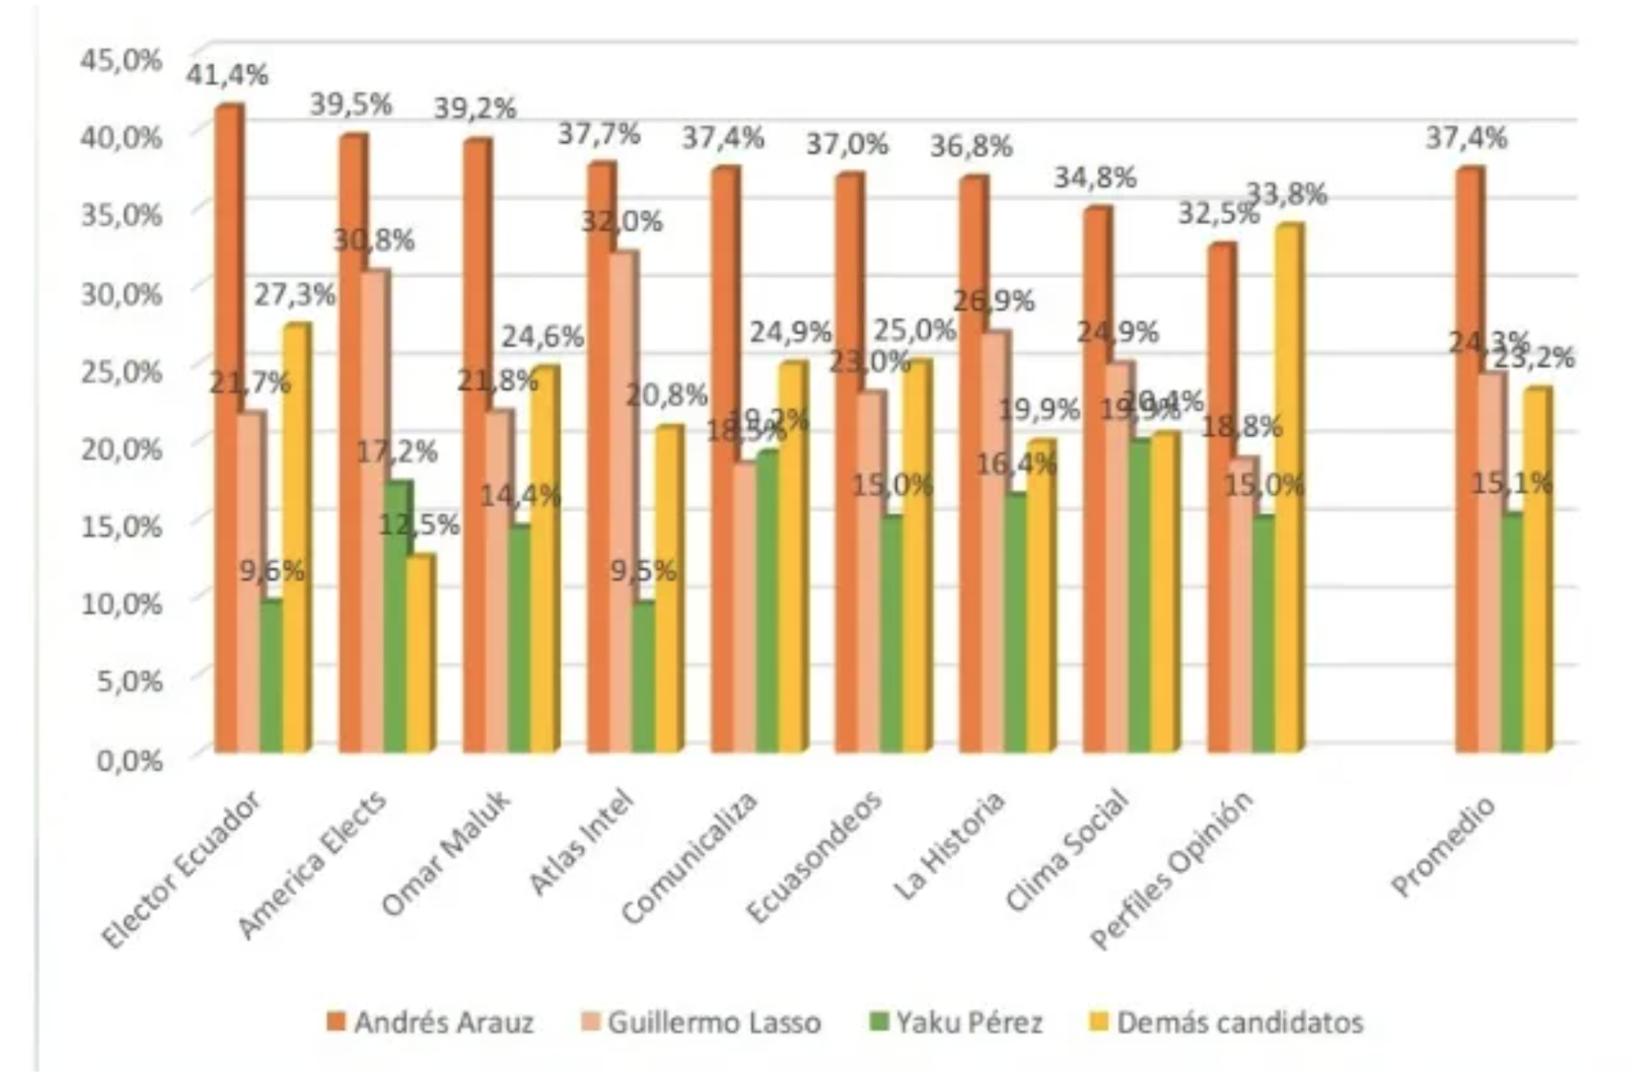 Présidentielle en Equateur : Moreno hors-jeu, vers un retour du corréisme au pouvoir ?